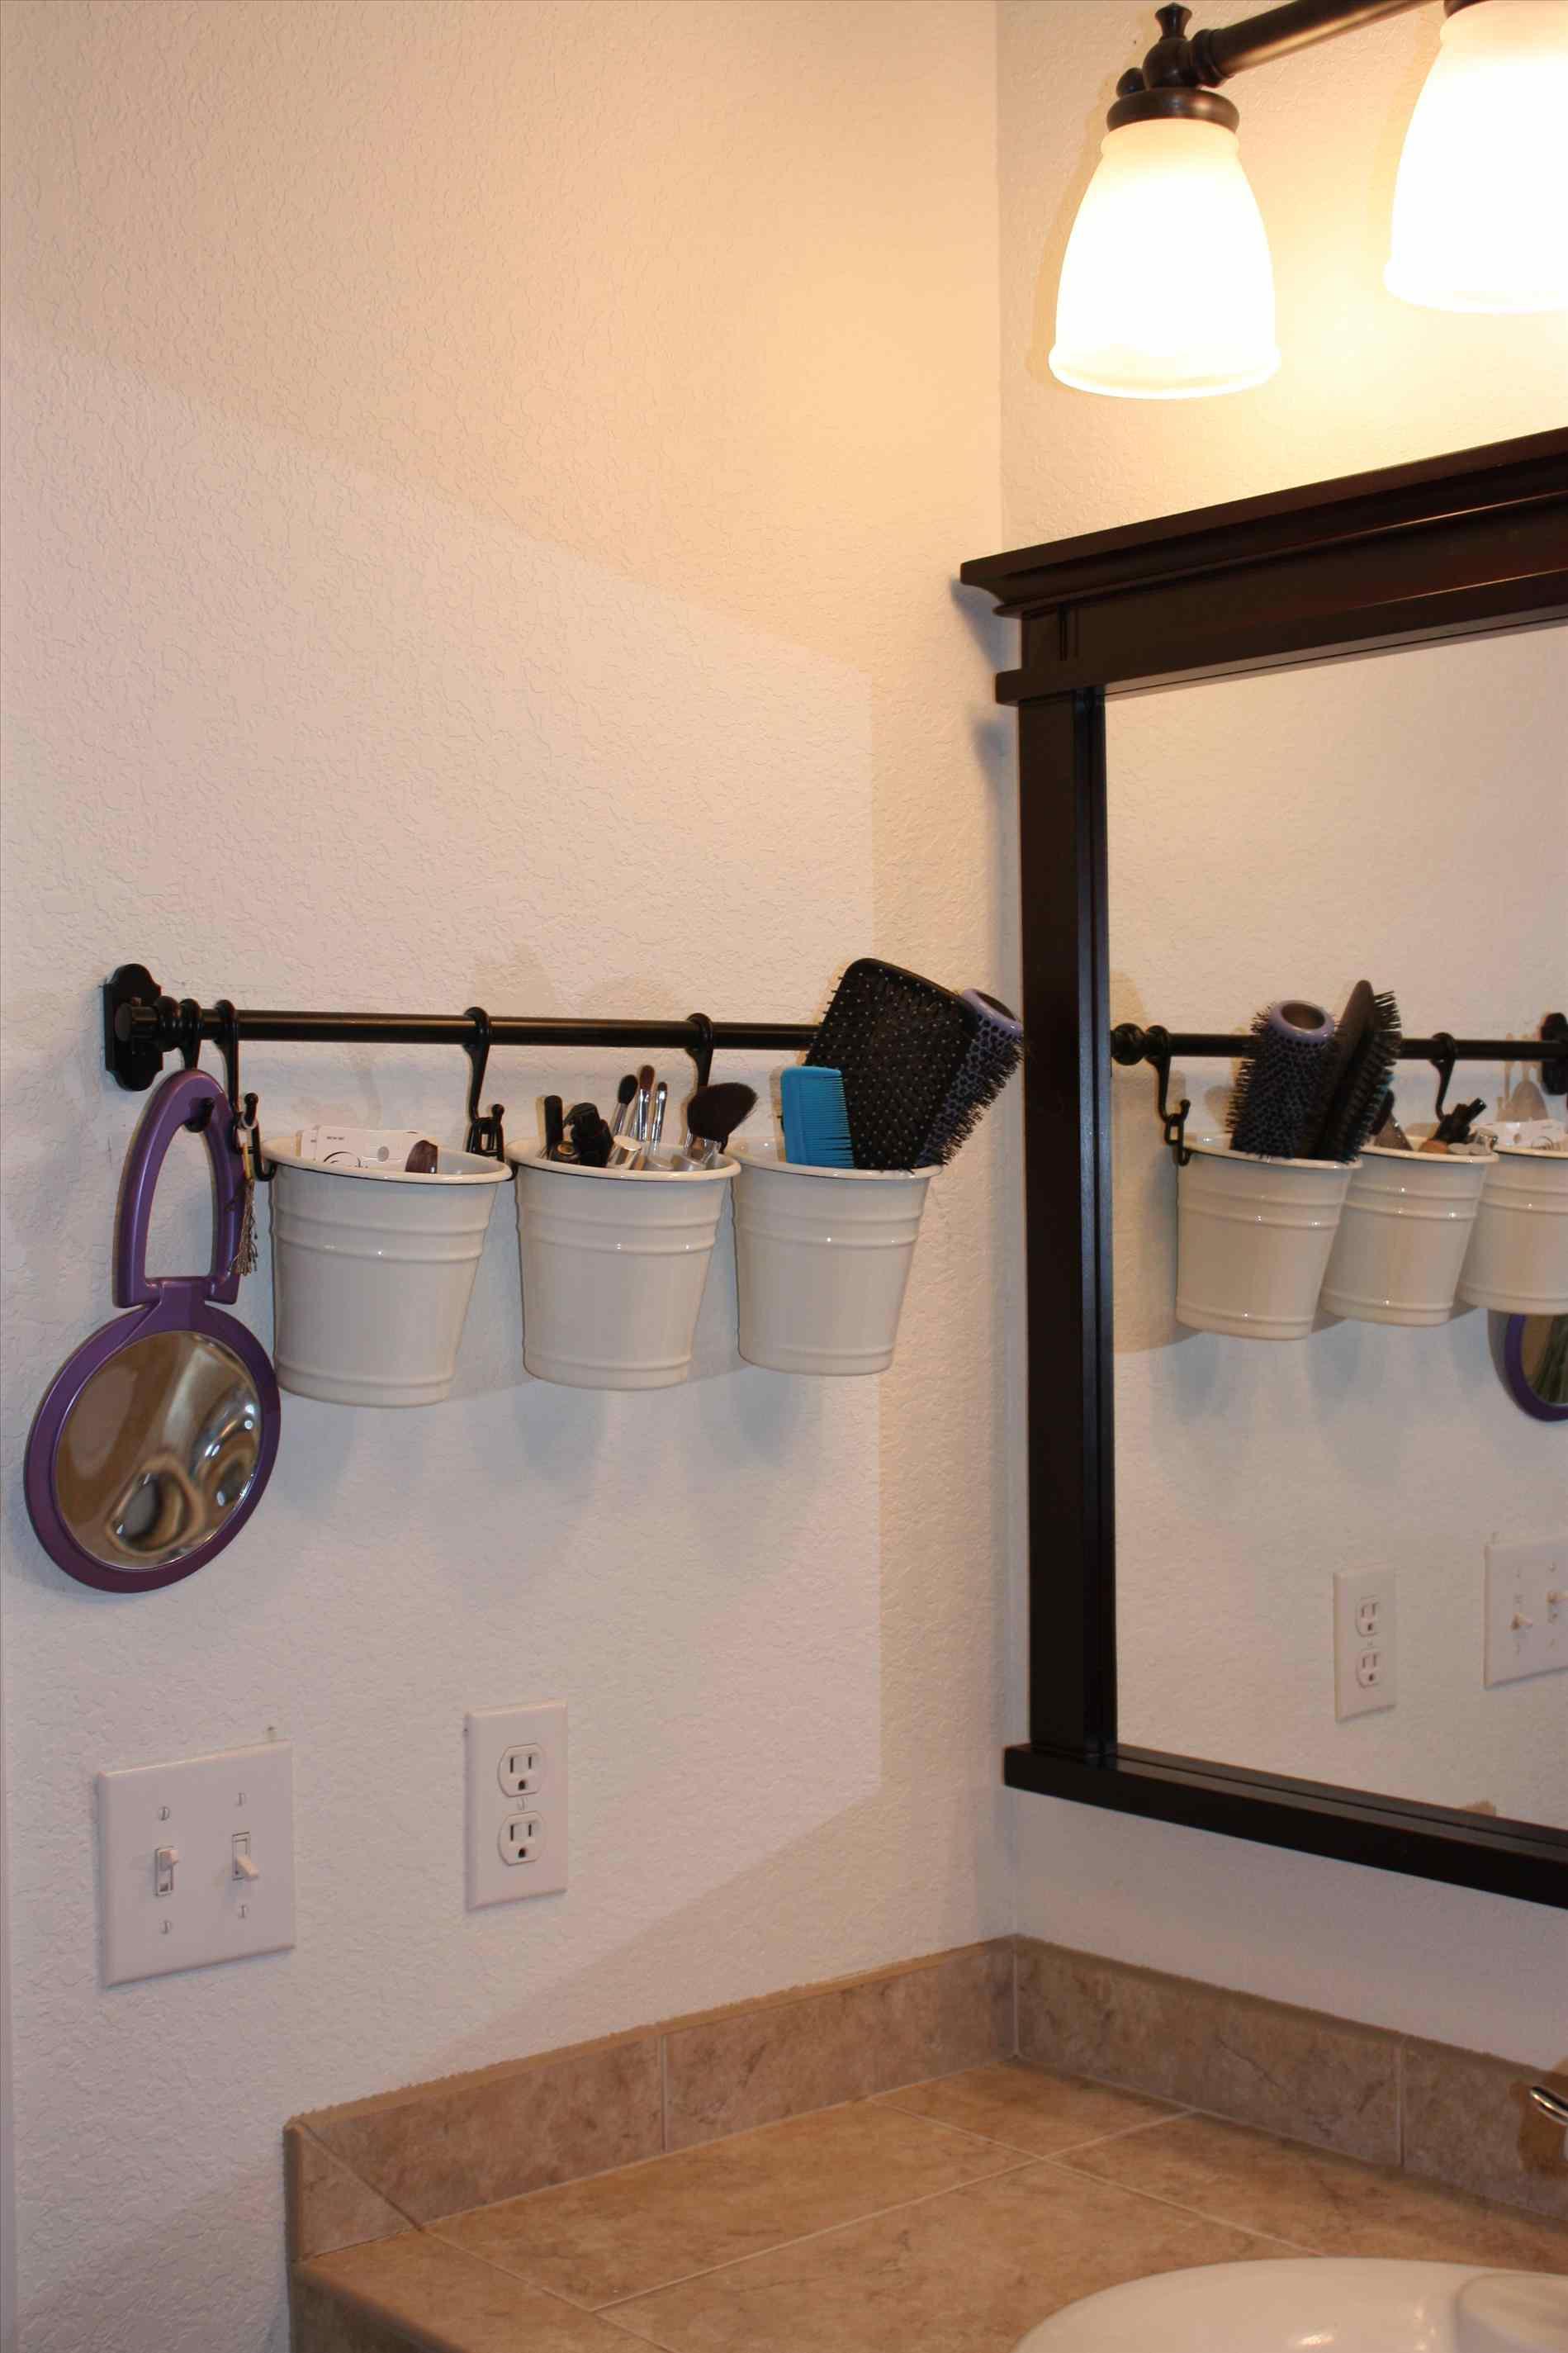 Полка в виде баночек в ванной